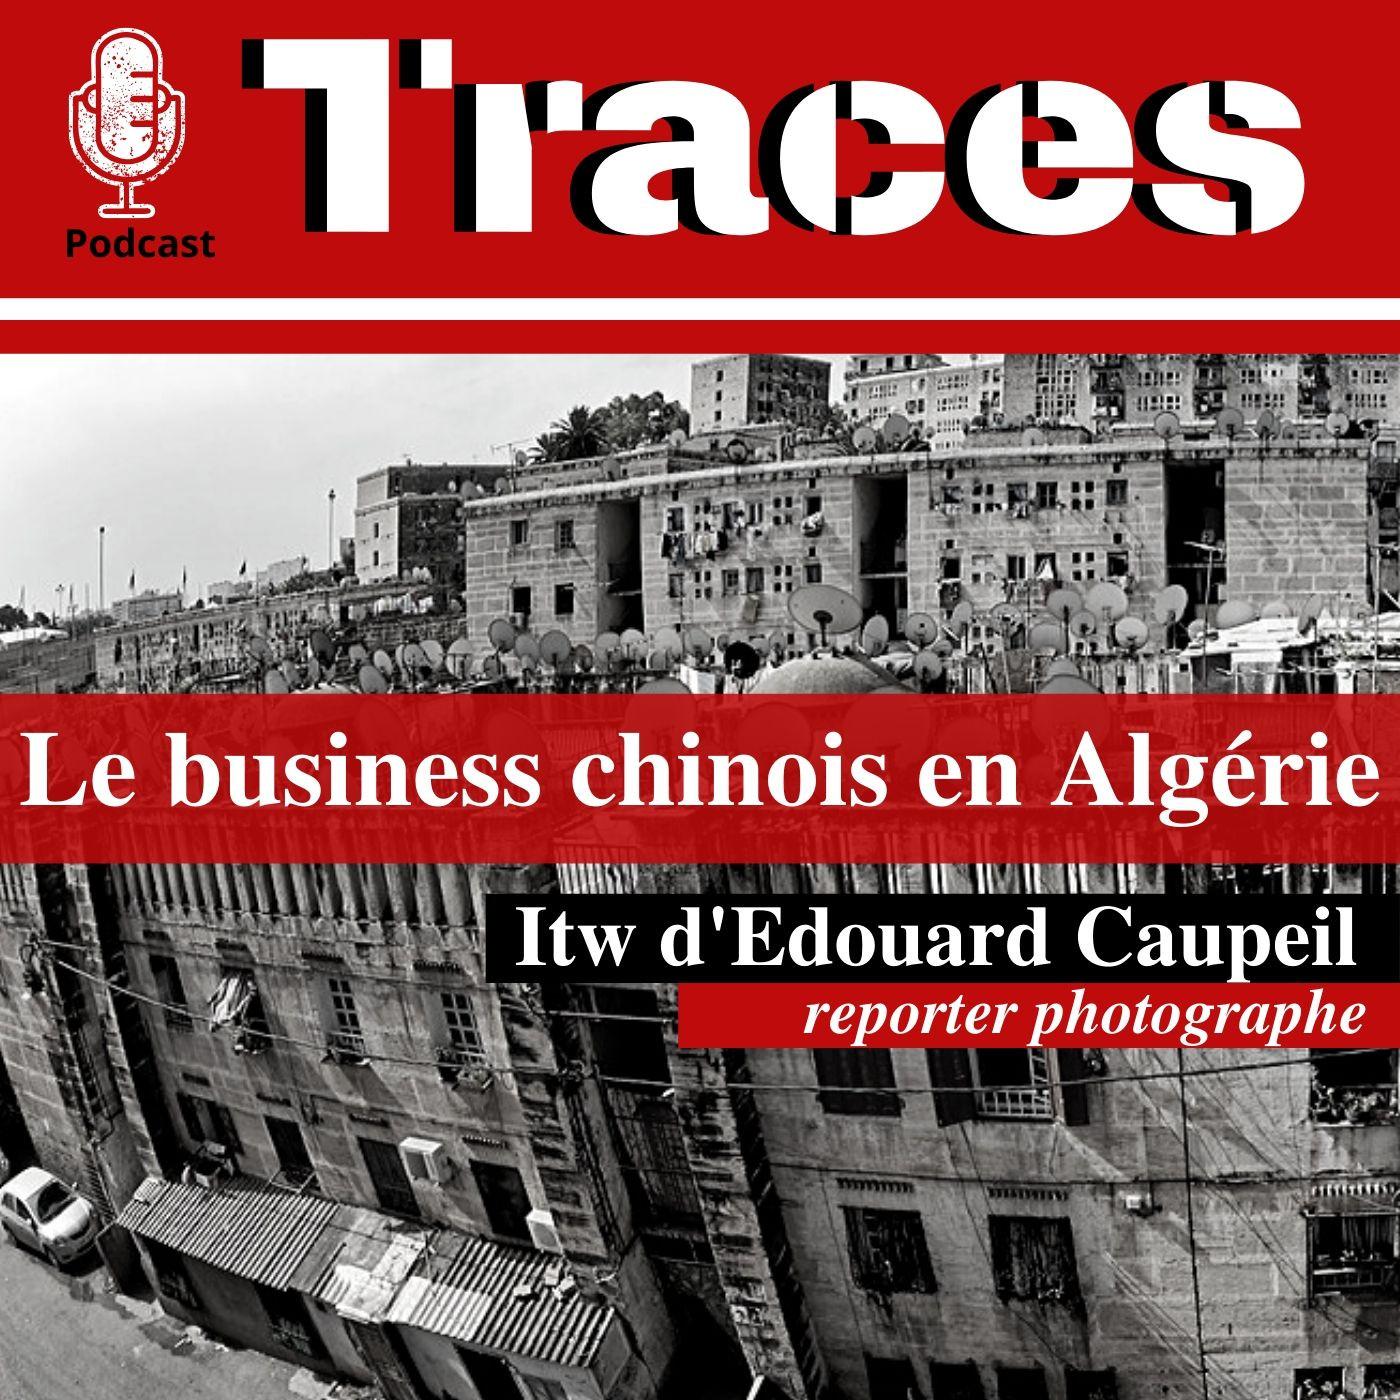 Le business chinois en Algérie